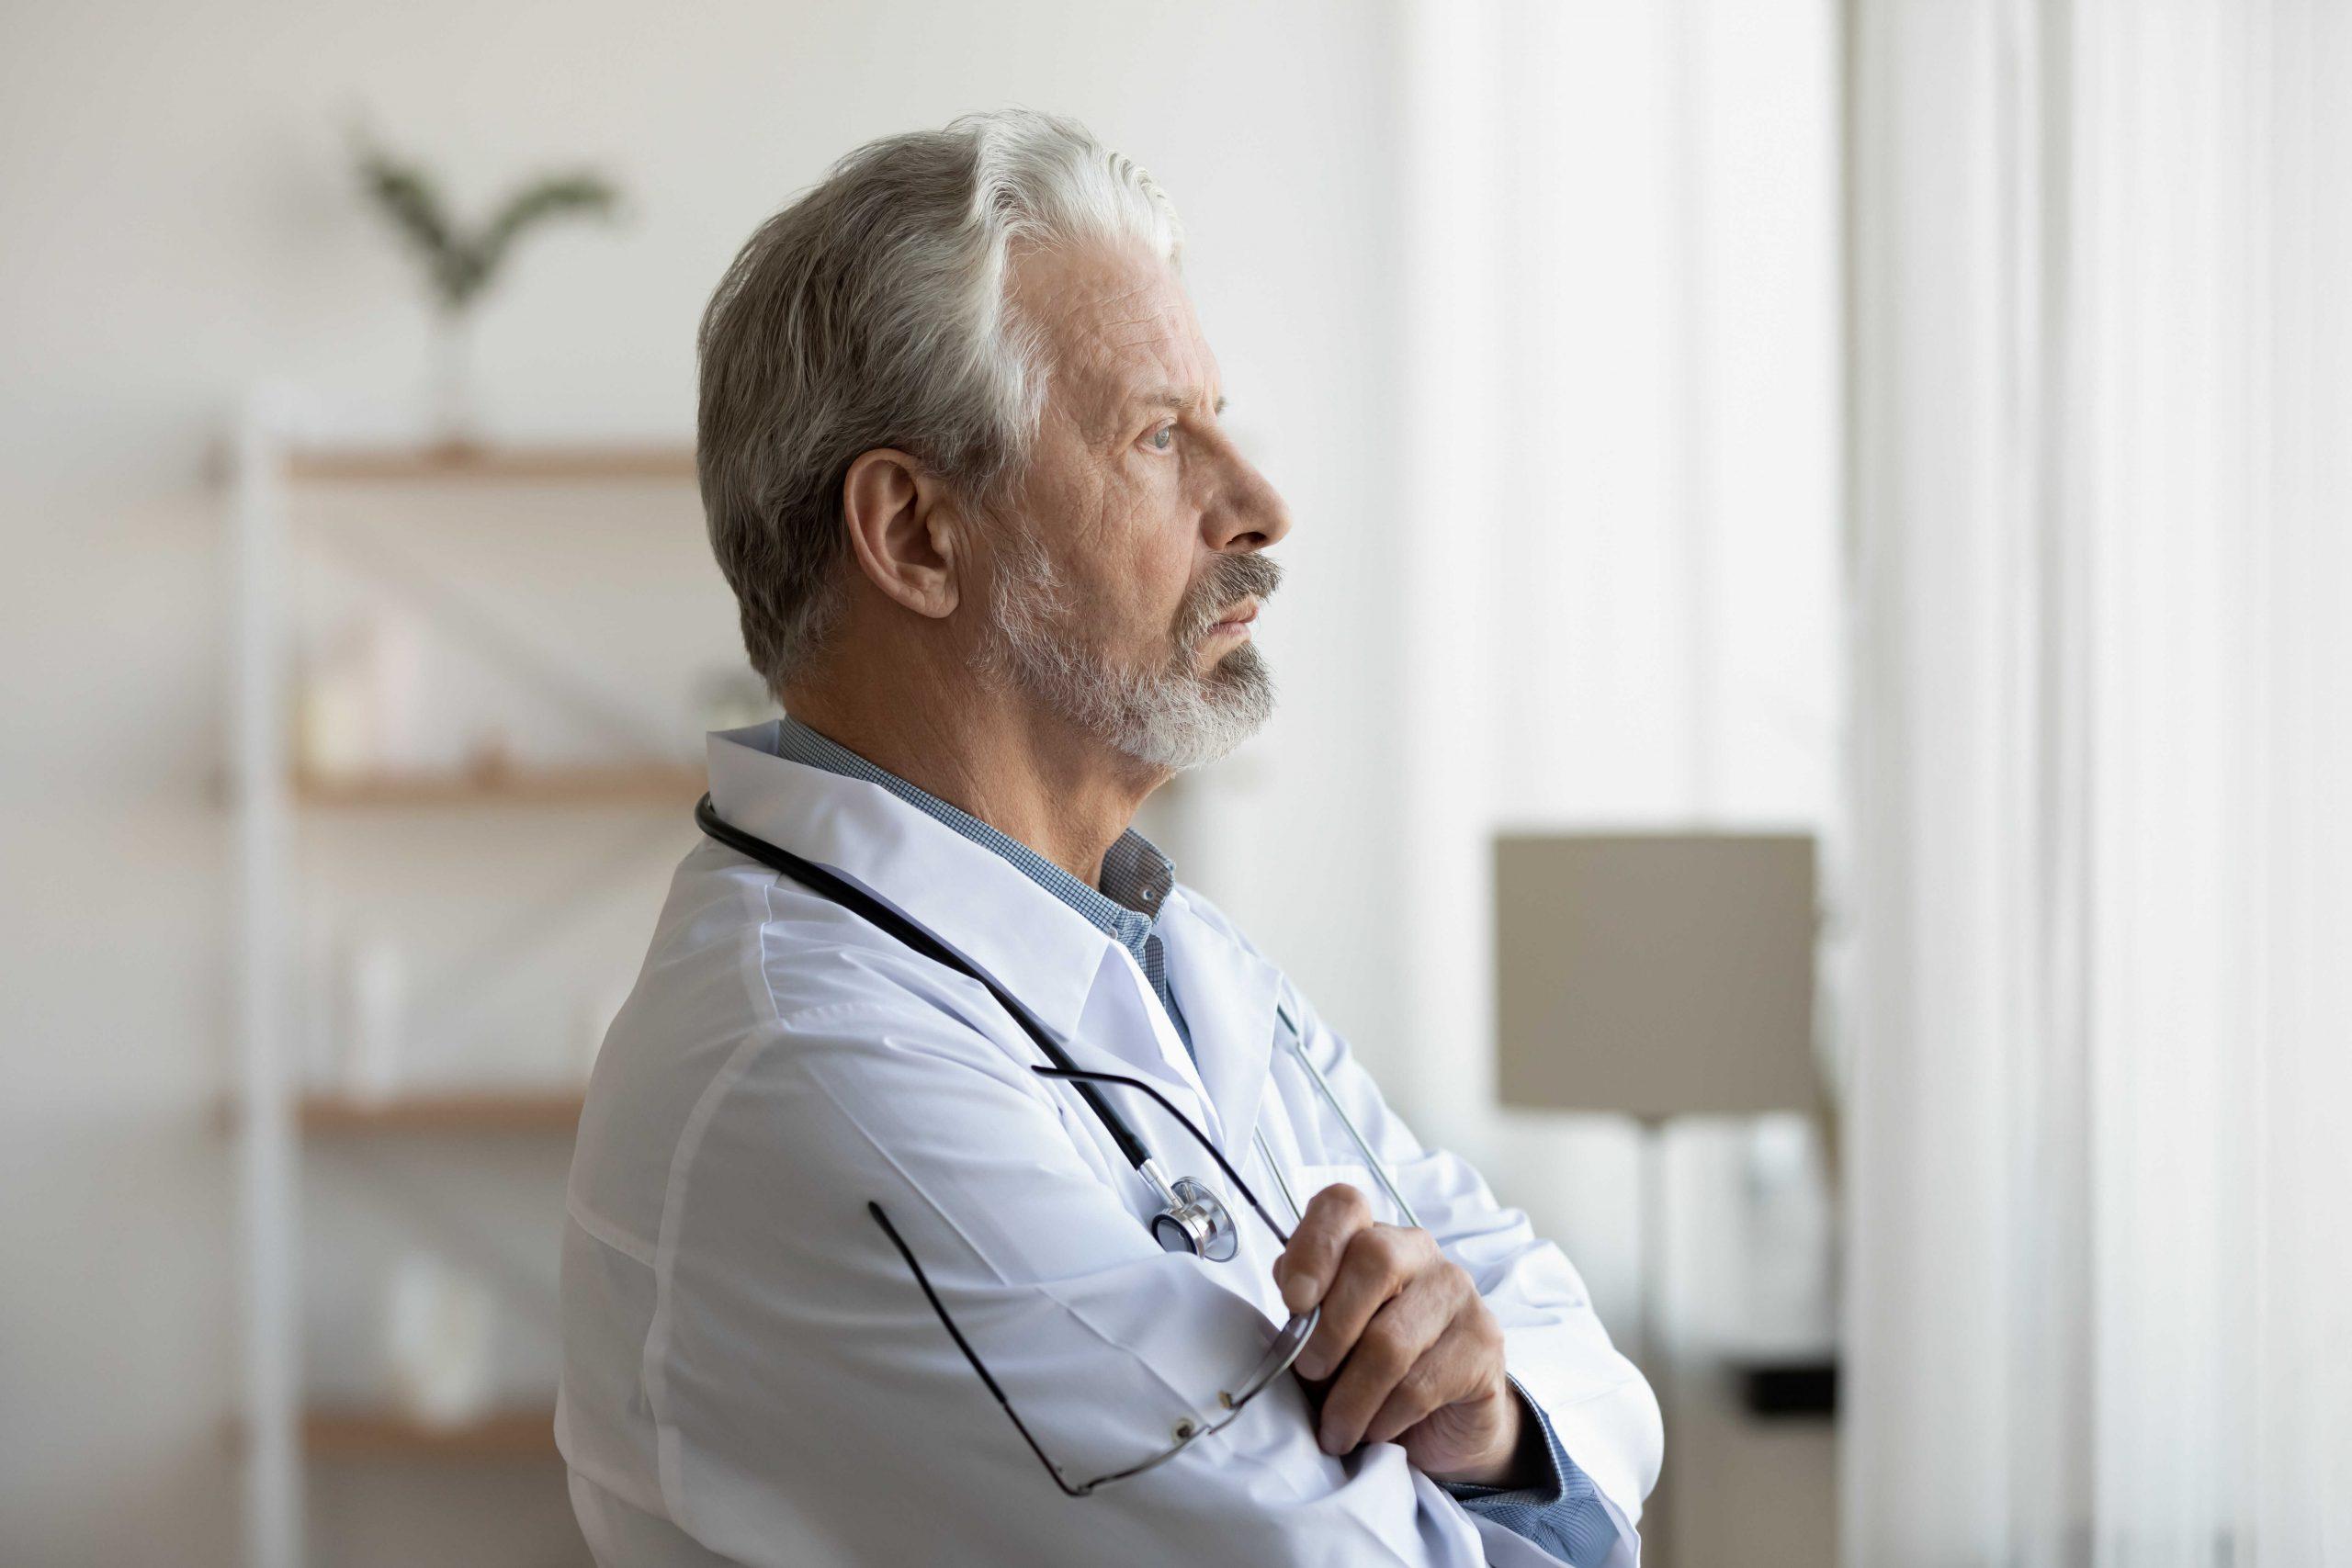 Zabiegi estetyczne świadczeniem zdrowotnym?